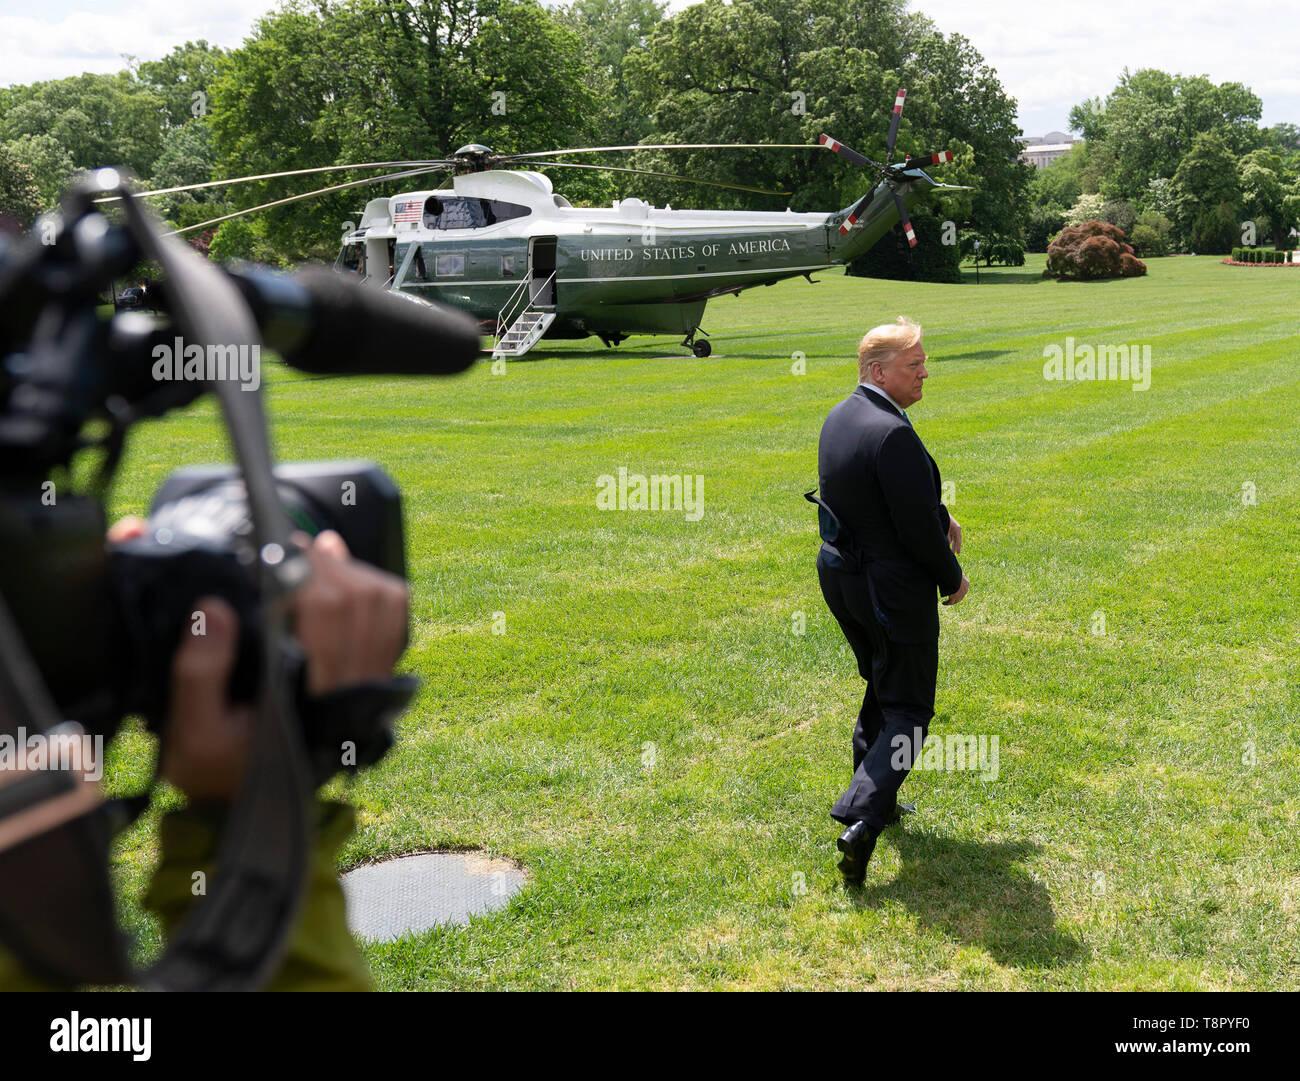 Le Président des Etats-Unis, Donald J. Trump quitte la Maison Blanche à Washington, DC, le 14 mai 2019, dirigé à des fins politiques et des événements de collecte de fonds en Louisiane. Crédit: Chris Kleponis/CNP /MediaPunch Banque D'Images